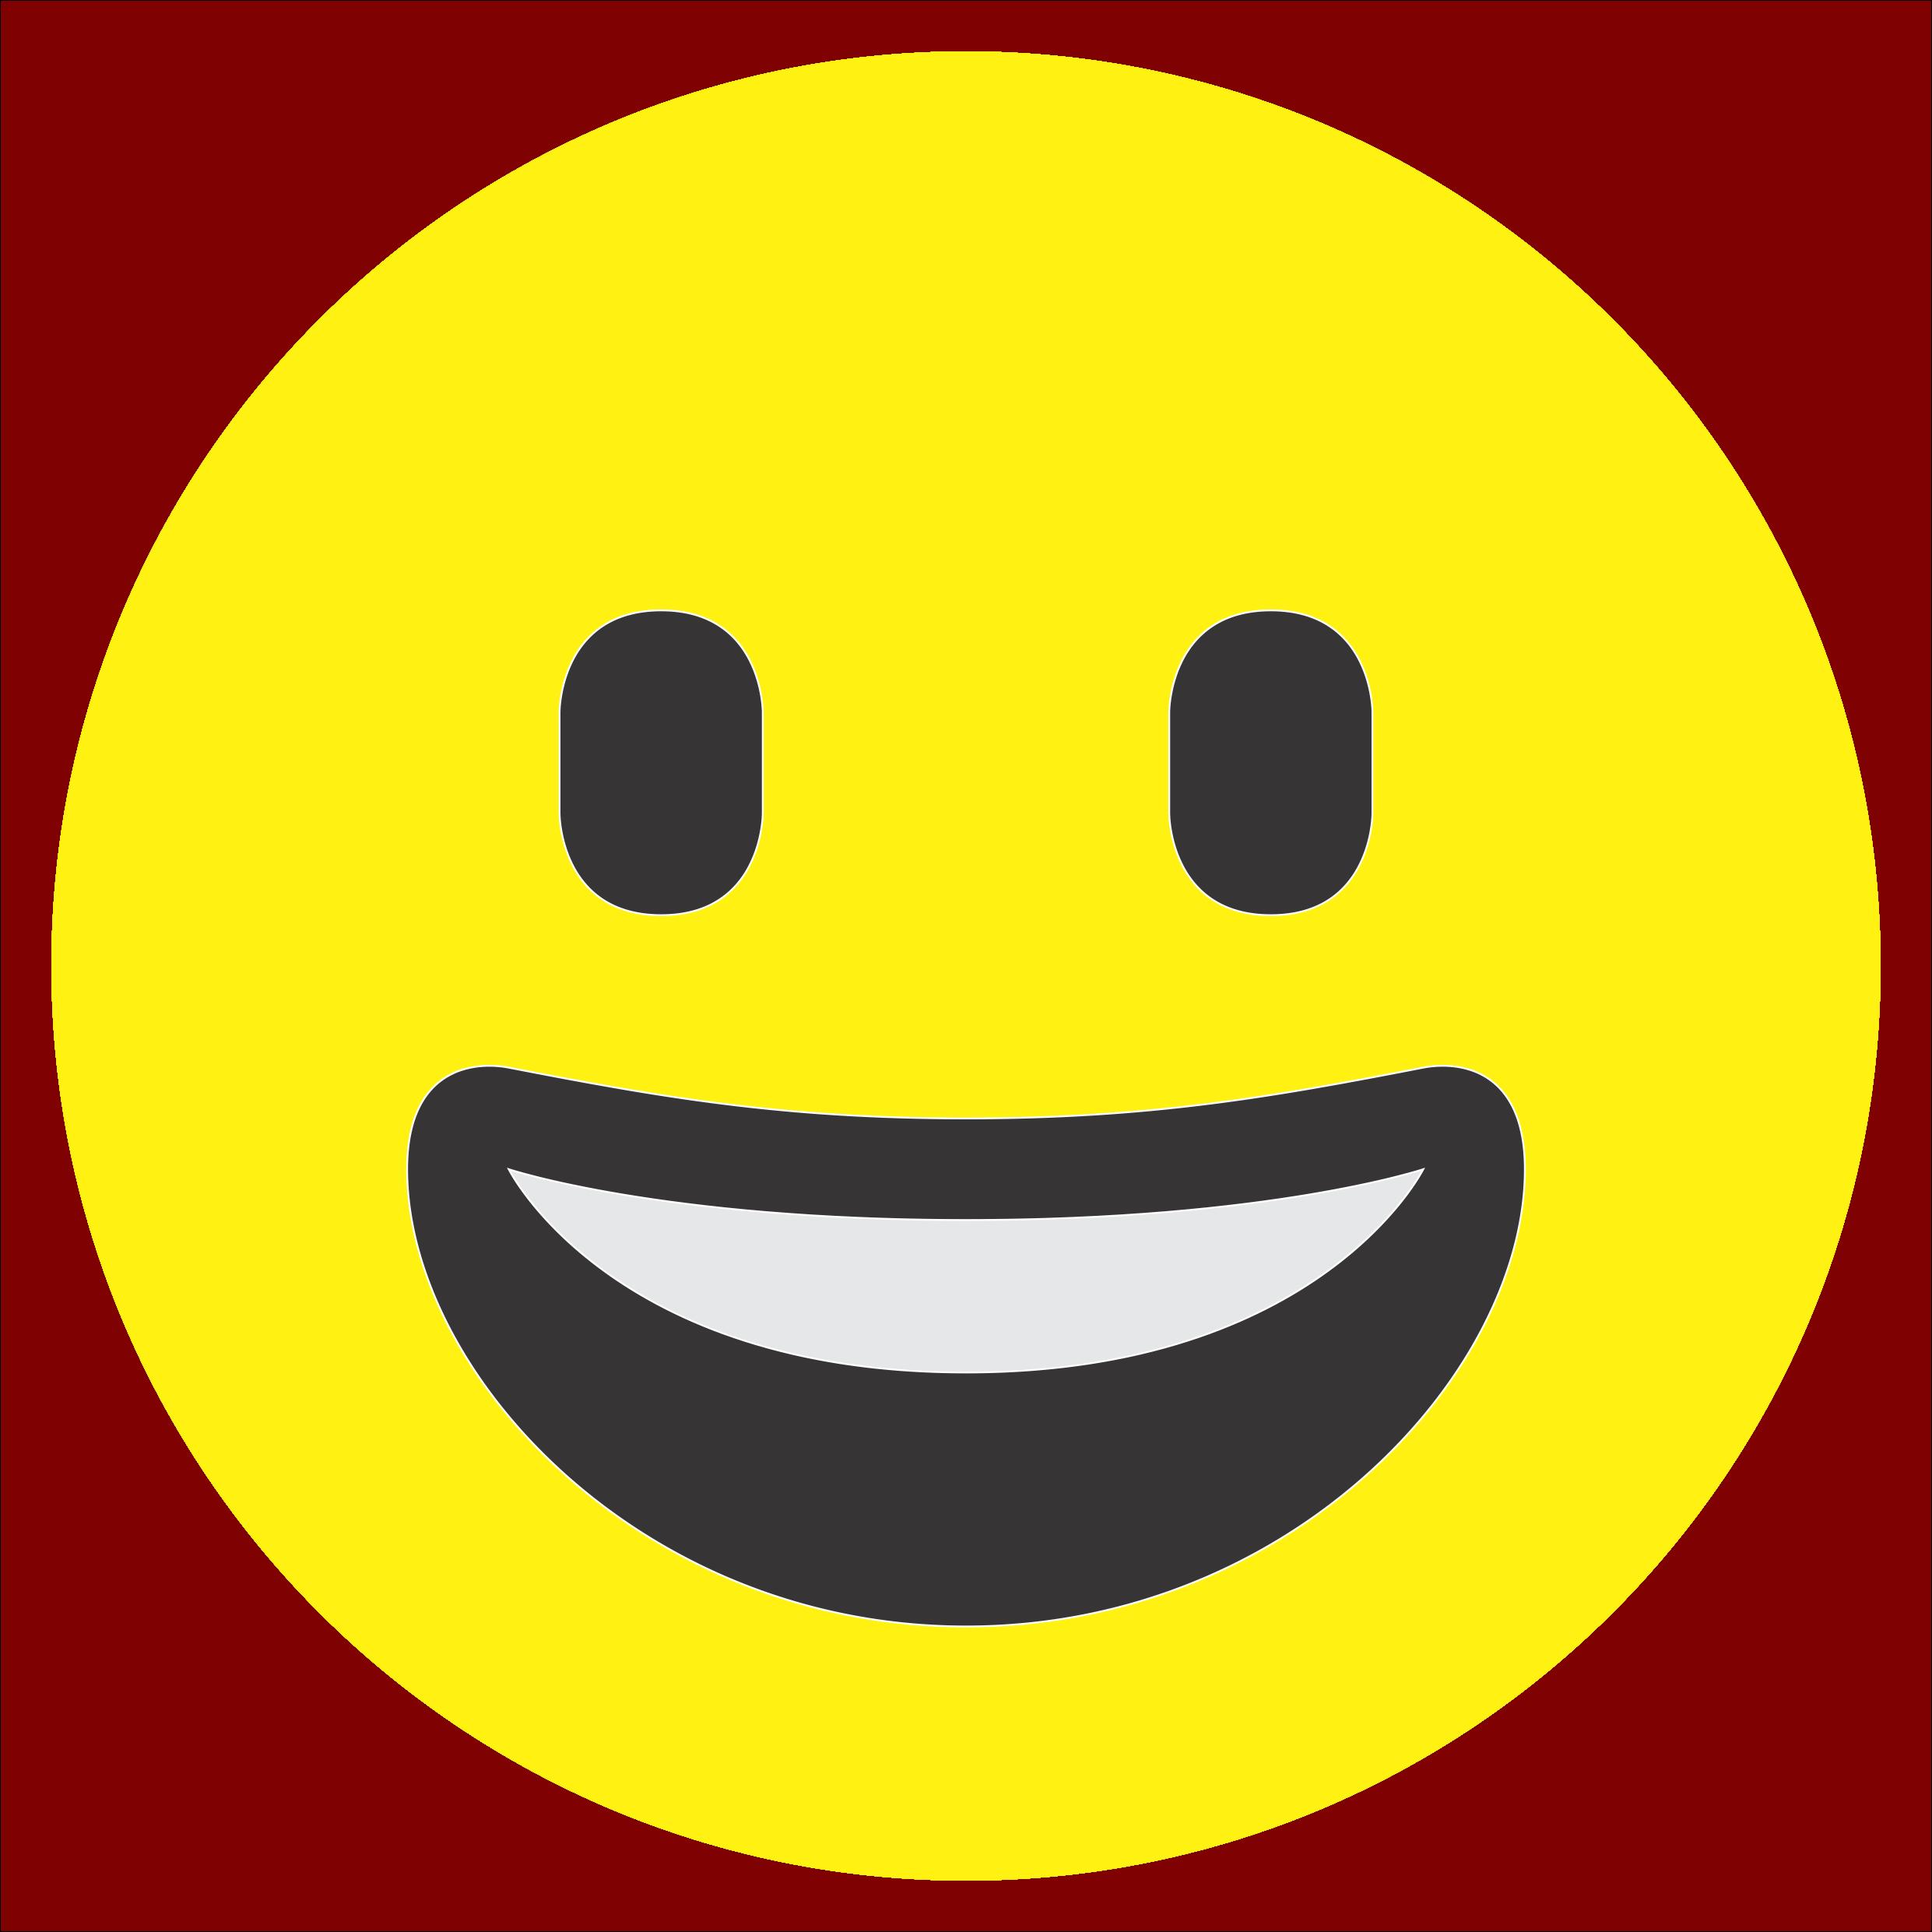 😃 Emoji Rosto Sorridente